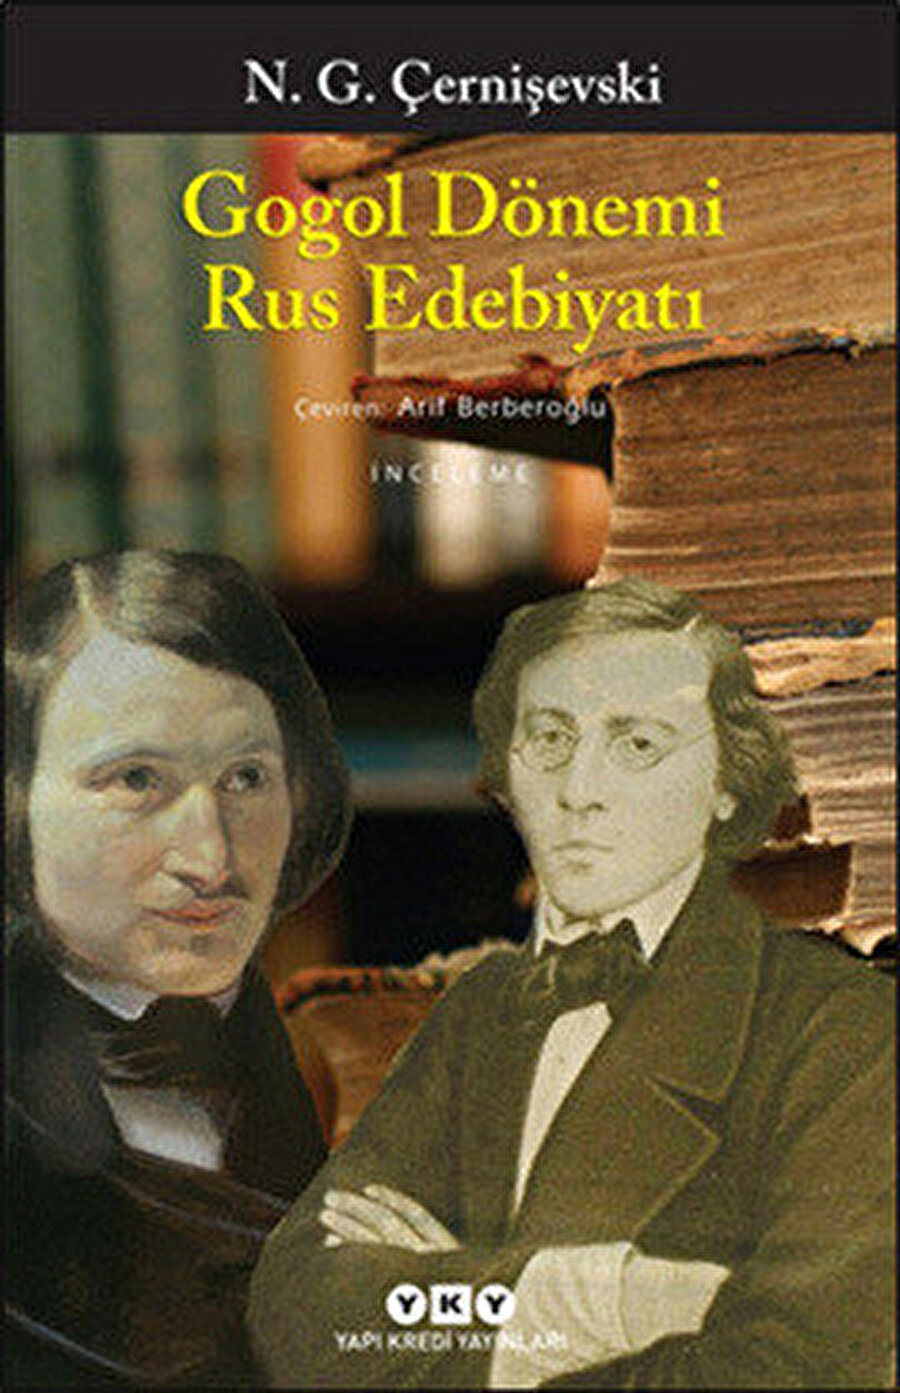 Yazar bu makalelerde ayrıca V. G. Belinski'nin Rus edebiyat eleştirisine yaptığı katkının altını çizmektedir.